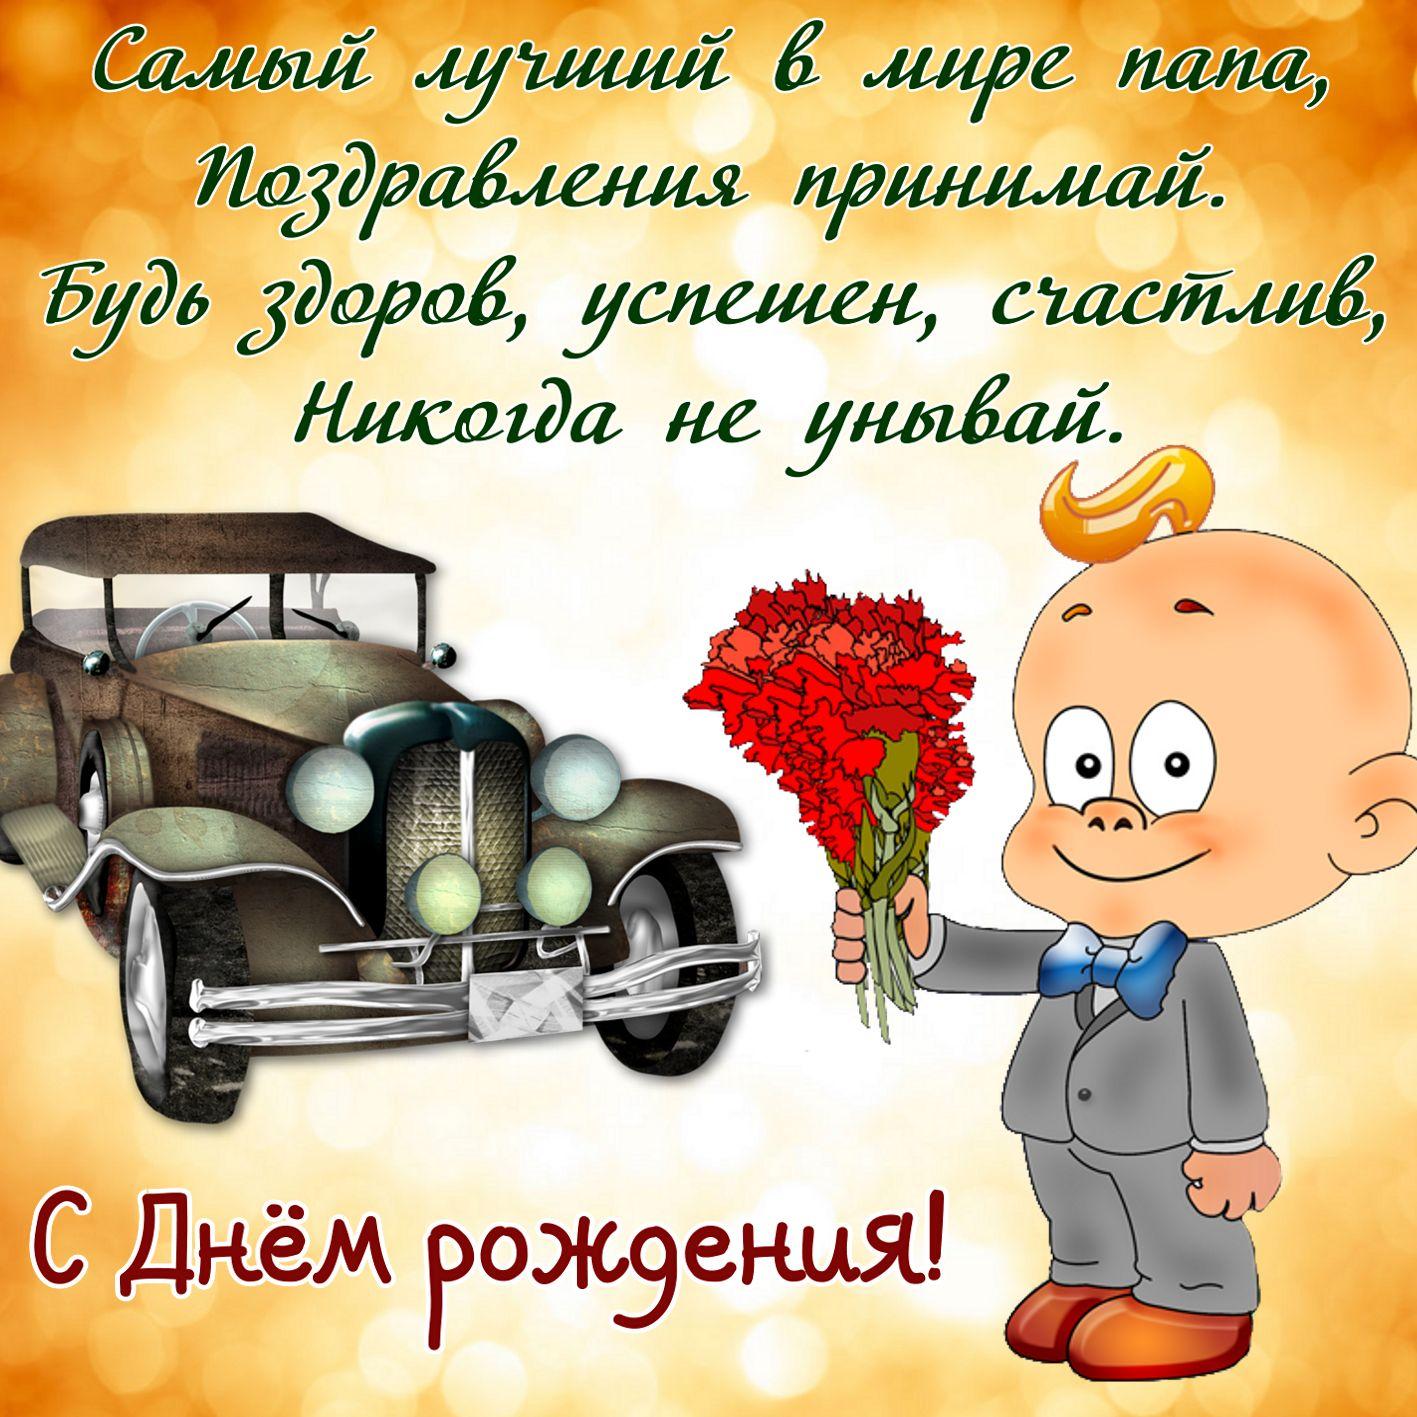 Открытка с поздравлением и автомобилем